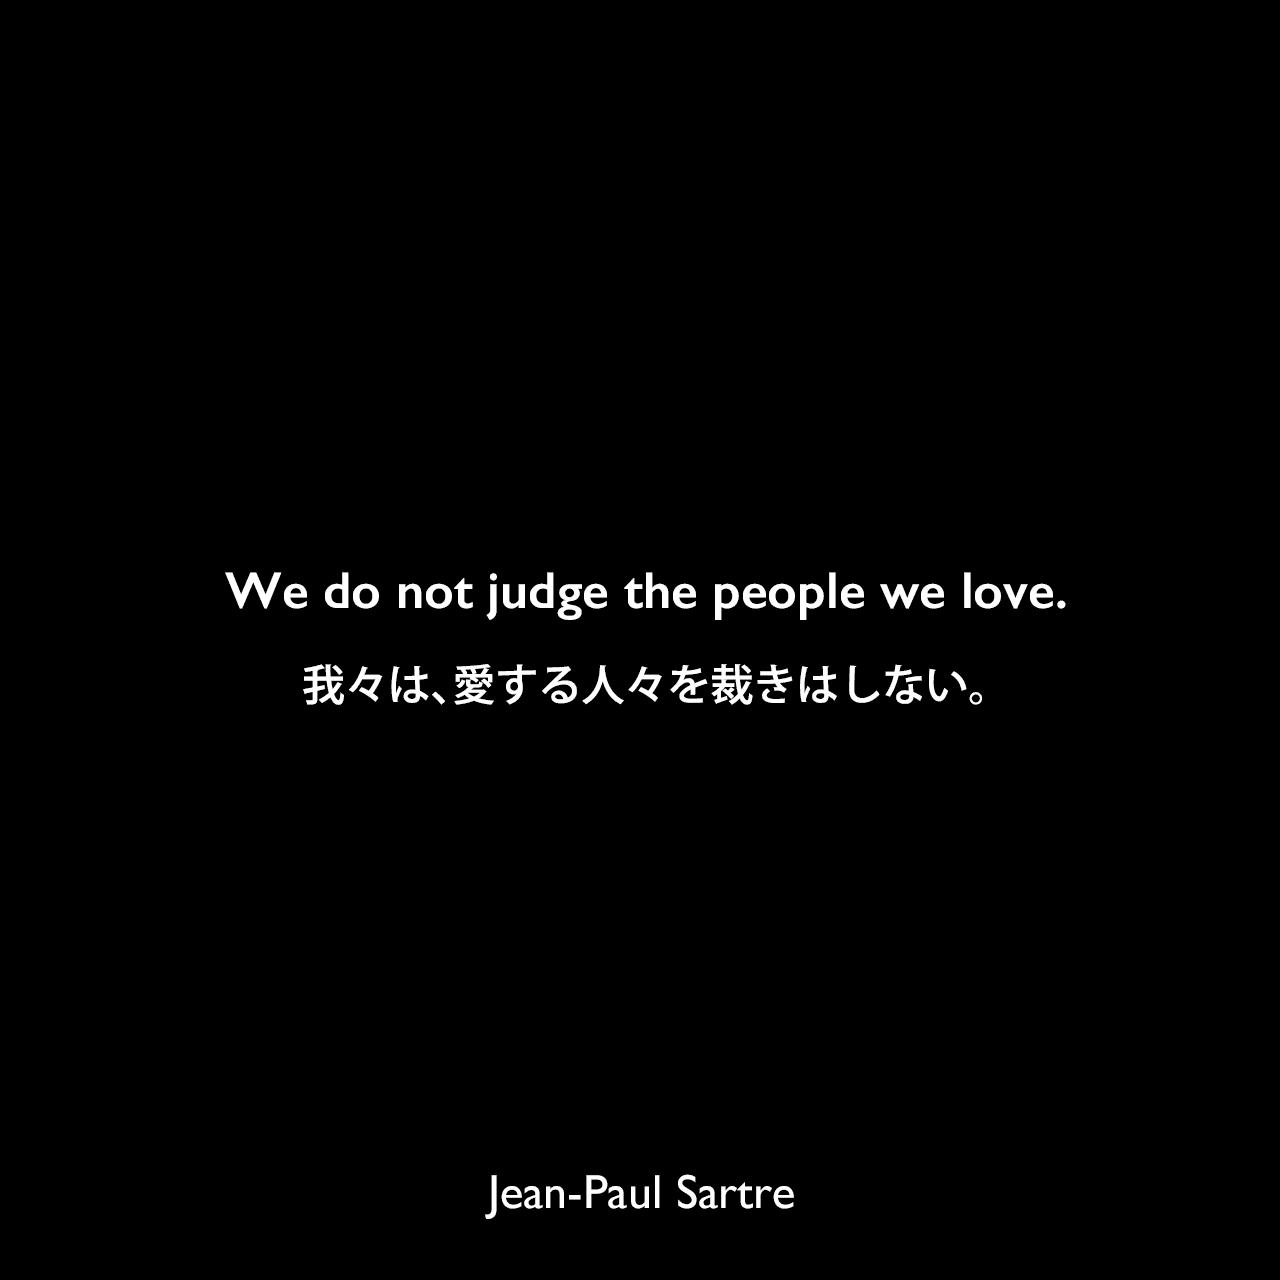 We do not judge the people we love.我々は、愛する人々を裁きはしない。Jean-Paul Sartre